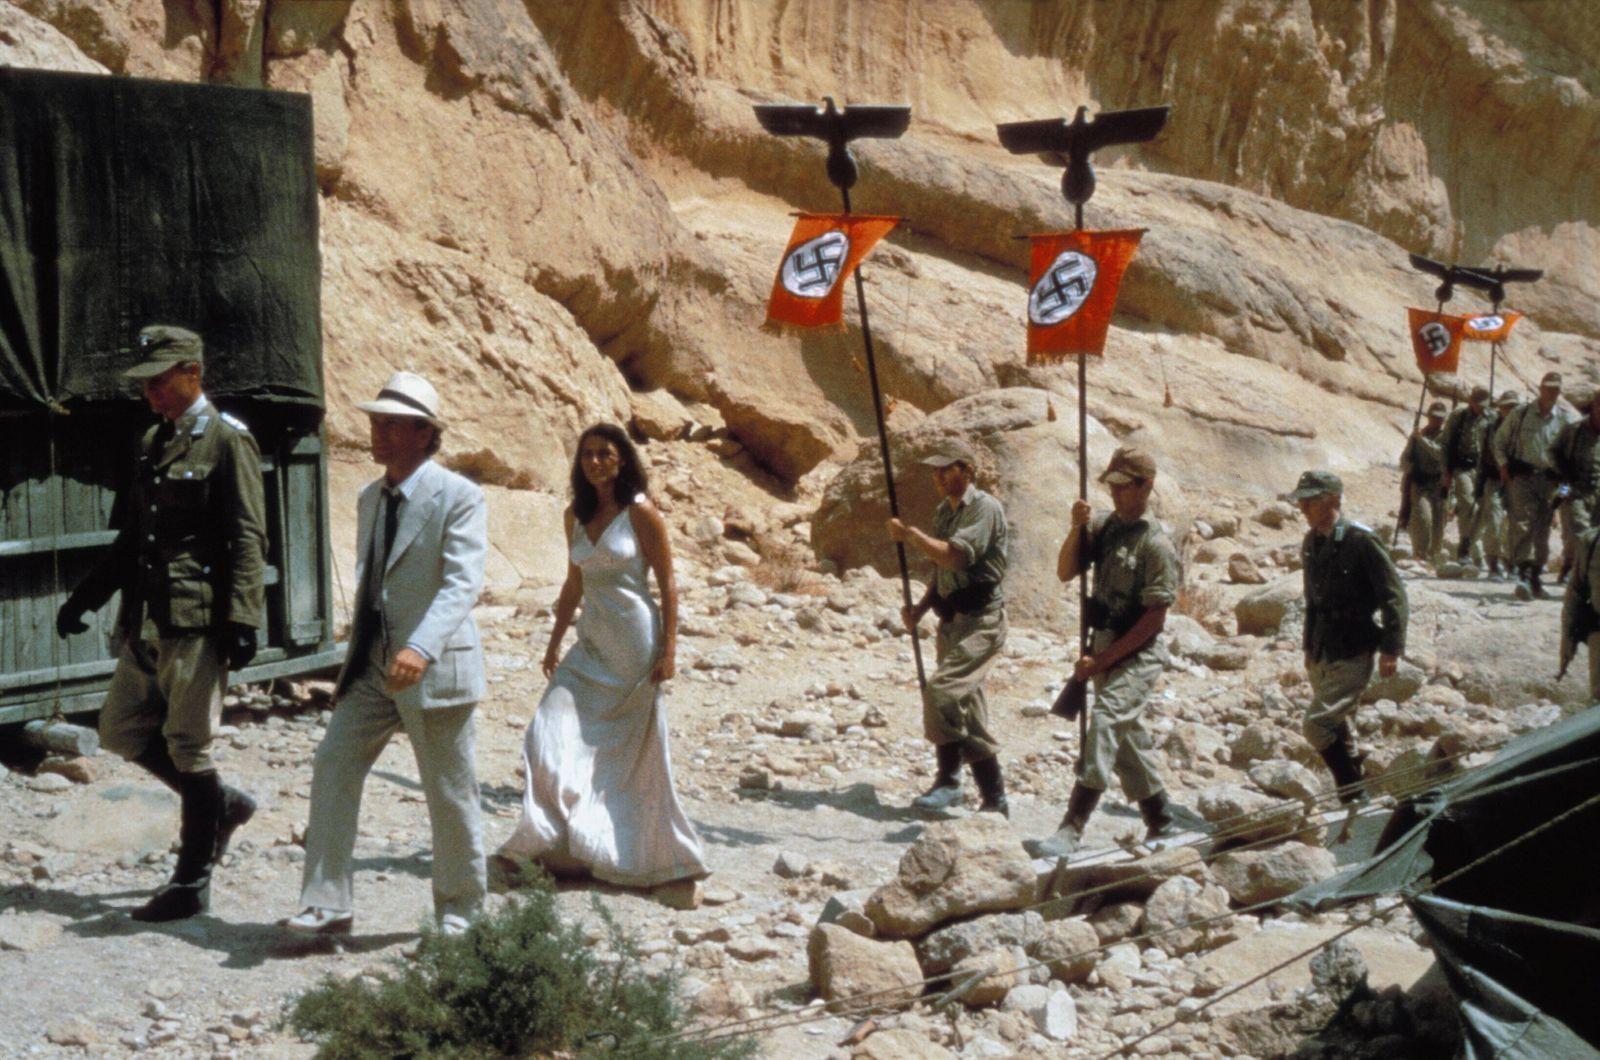 Paul Freeman & Karen Allen Characters: Dr. Rene Belloq, Marion Ravenwood Film: Raiders Of The Lost Ark; Indiana Jones 1